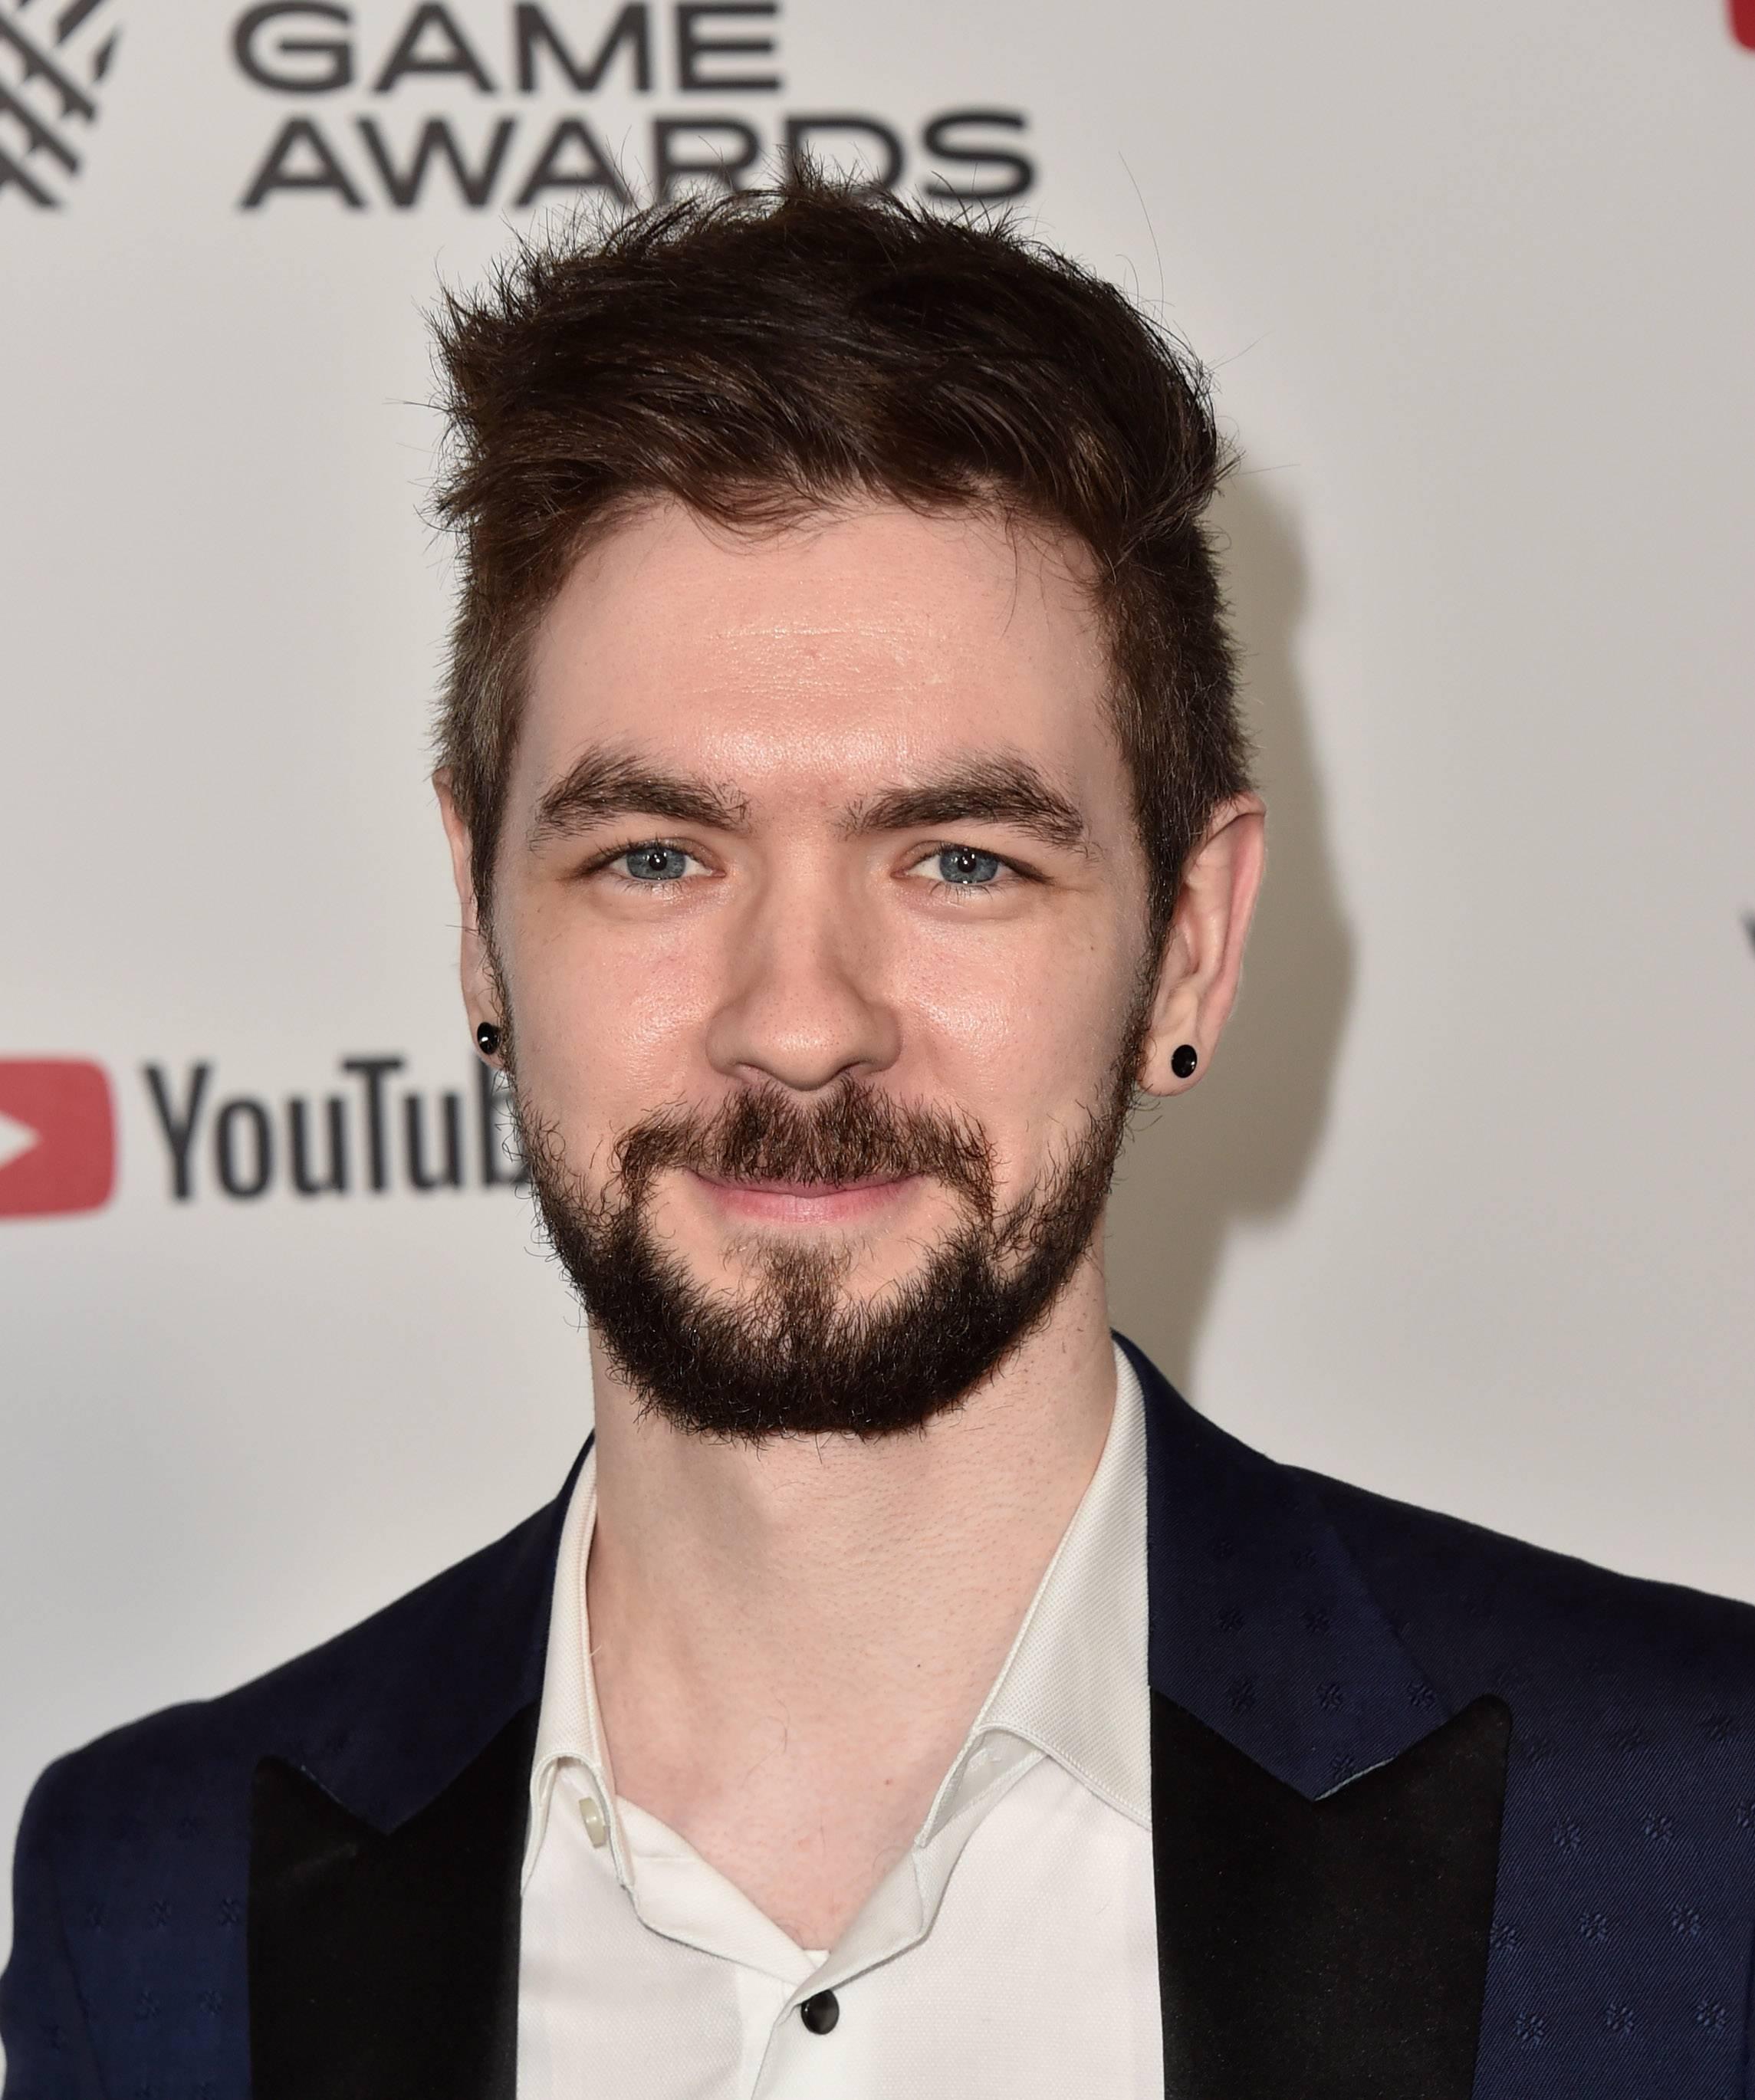 ¡Qué fortuna! Estos fueron los youtubers que más dinero ganaron en 2018